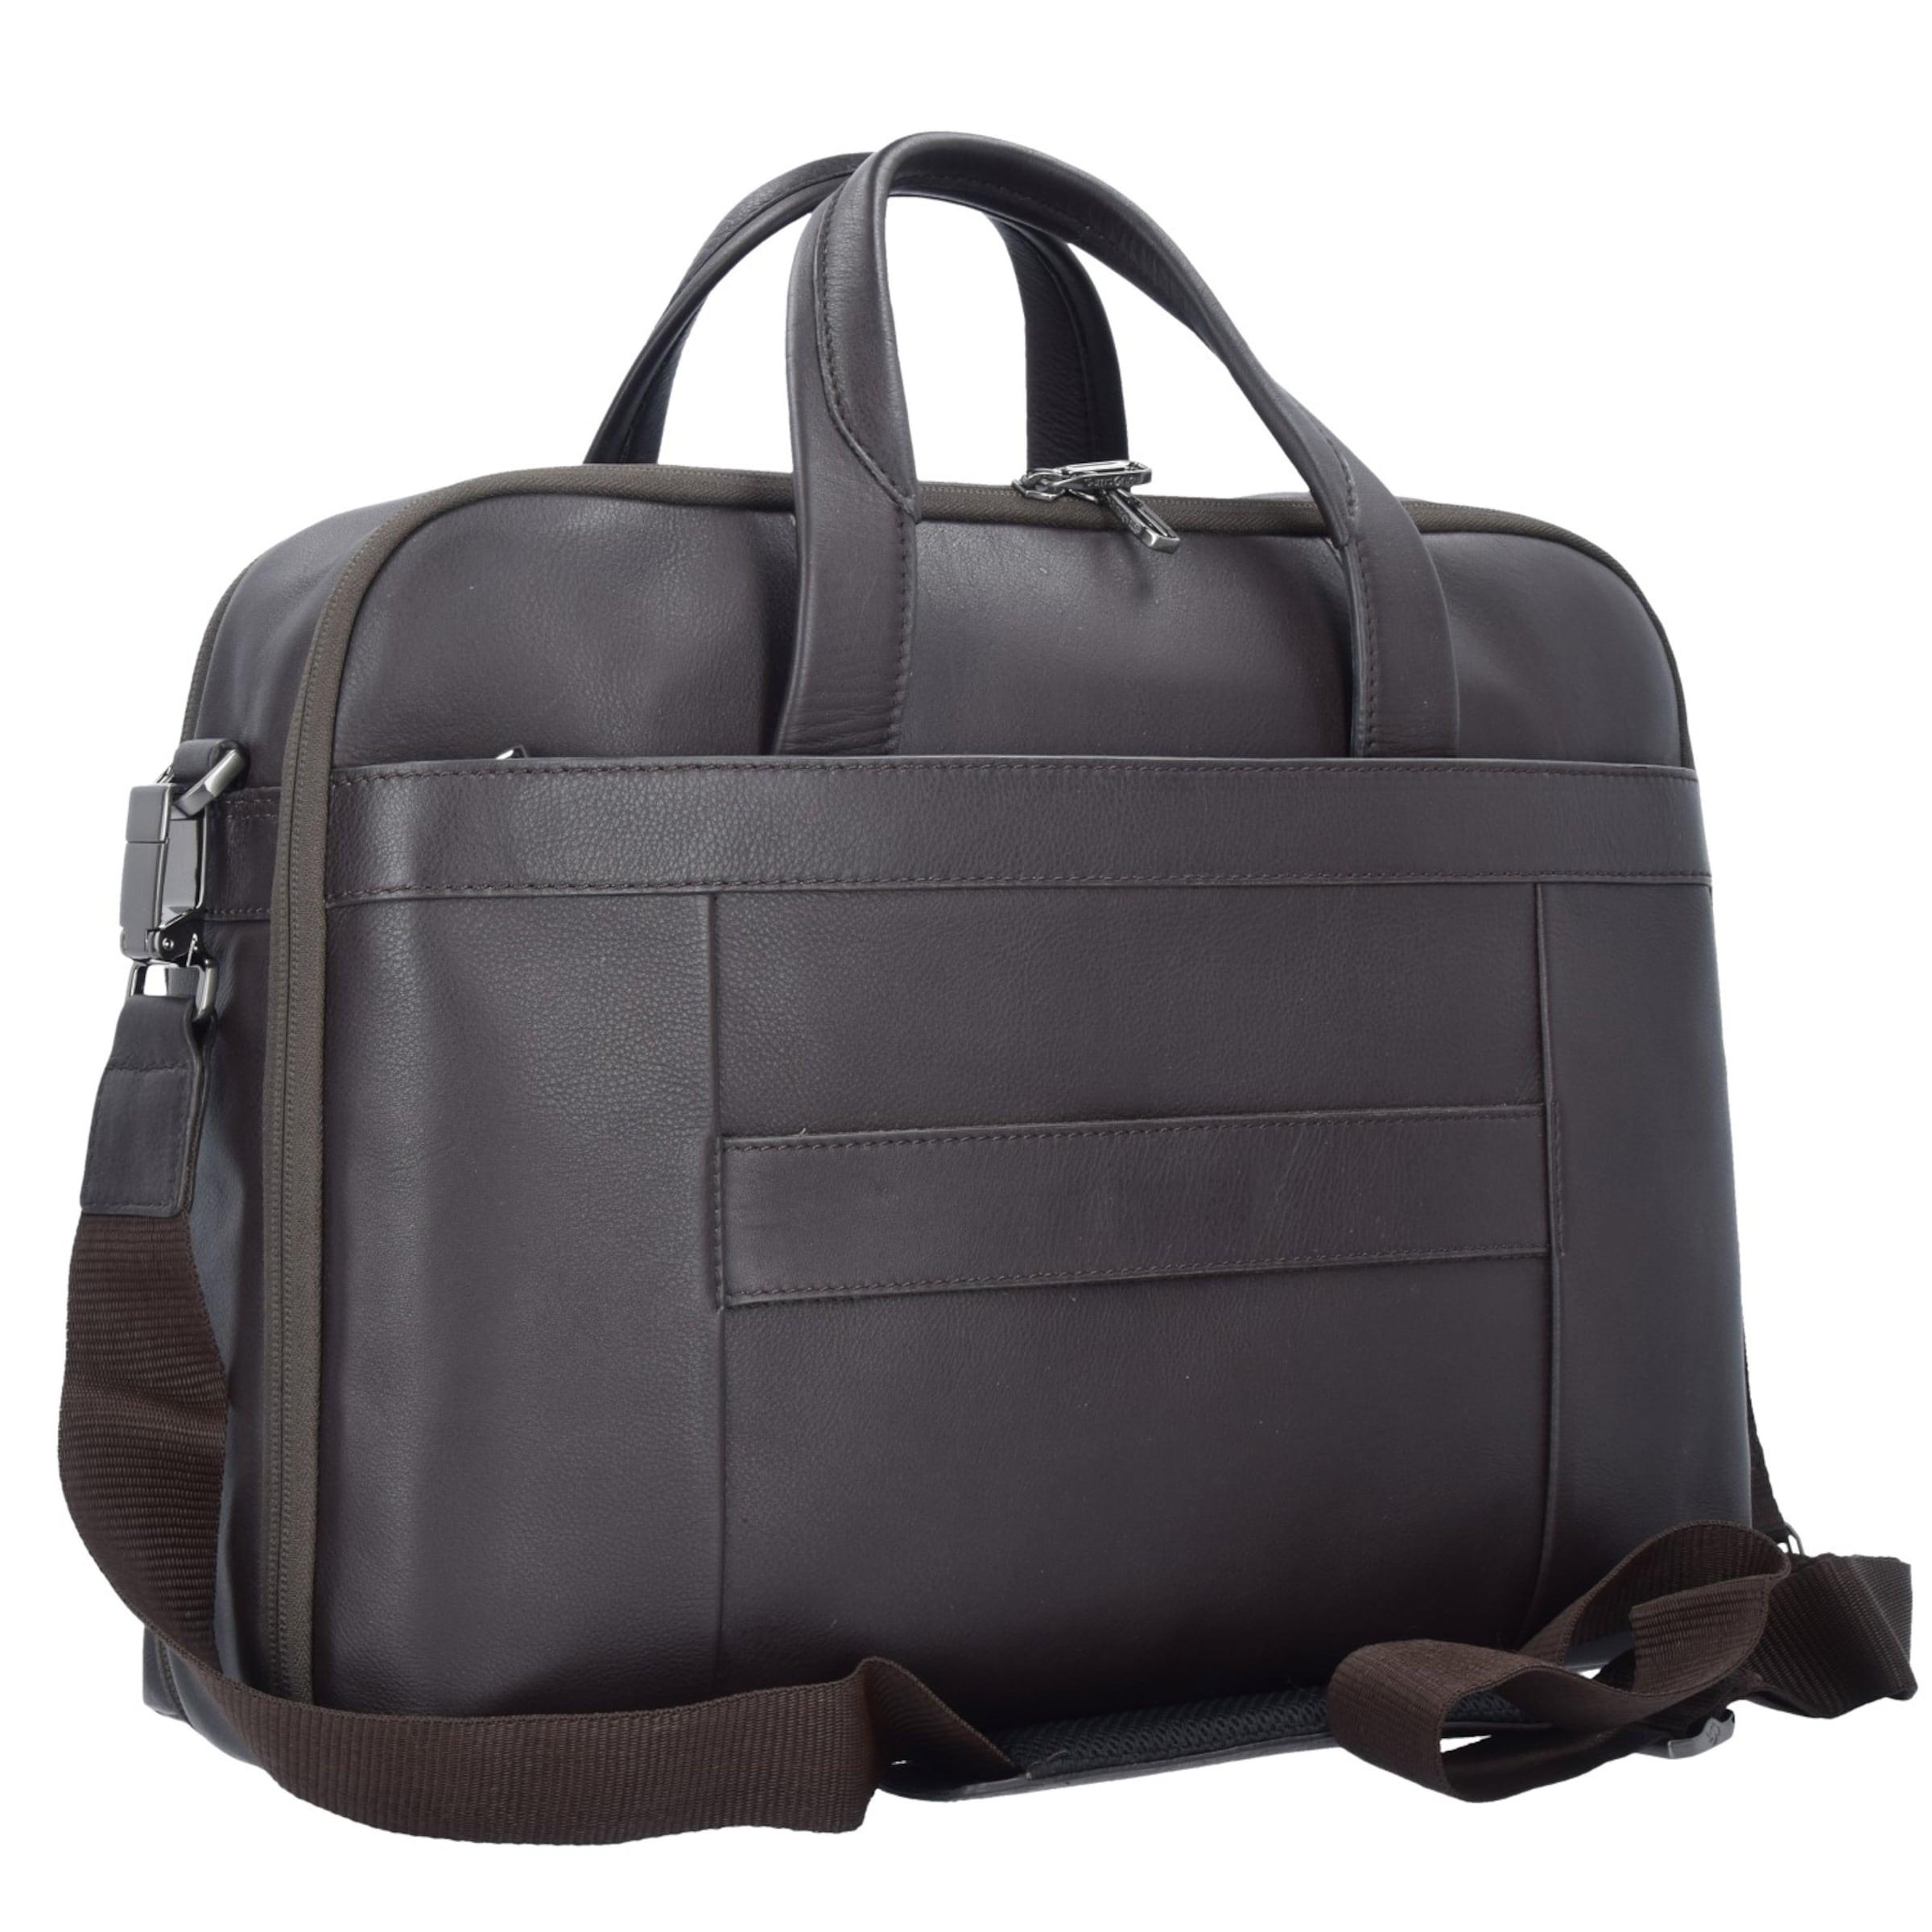 SAMSONITE Sygnum Aktentasche Leder 42 cm Laptopfach Spielraum Geschäft Zum Verkauf 3CgHqO